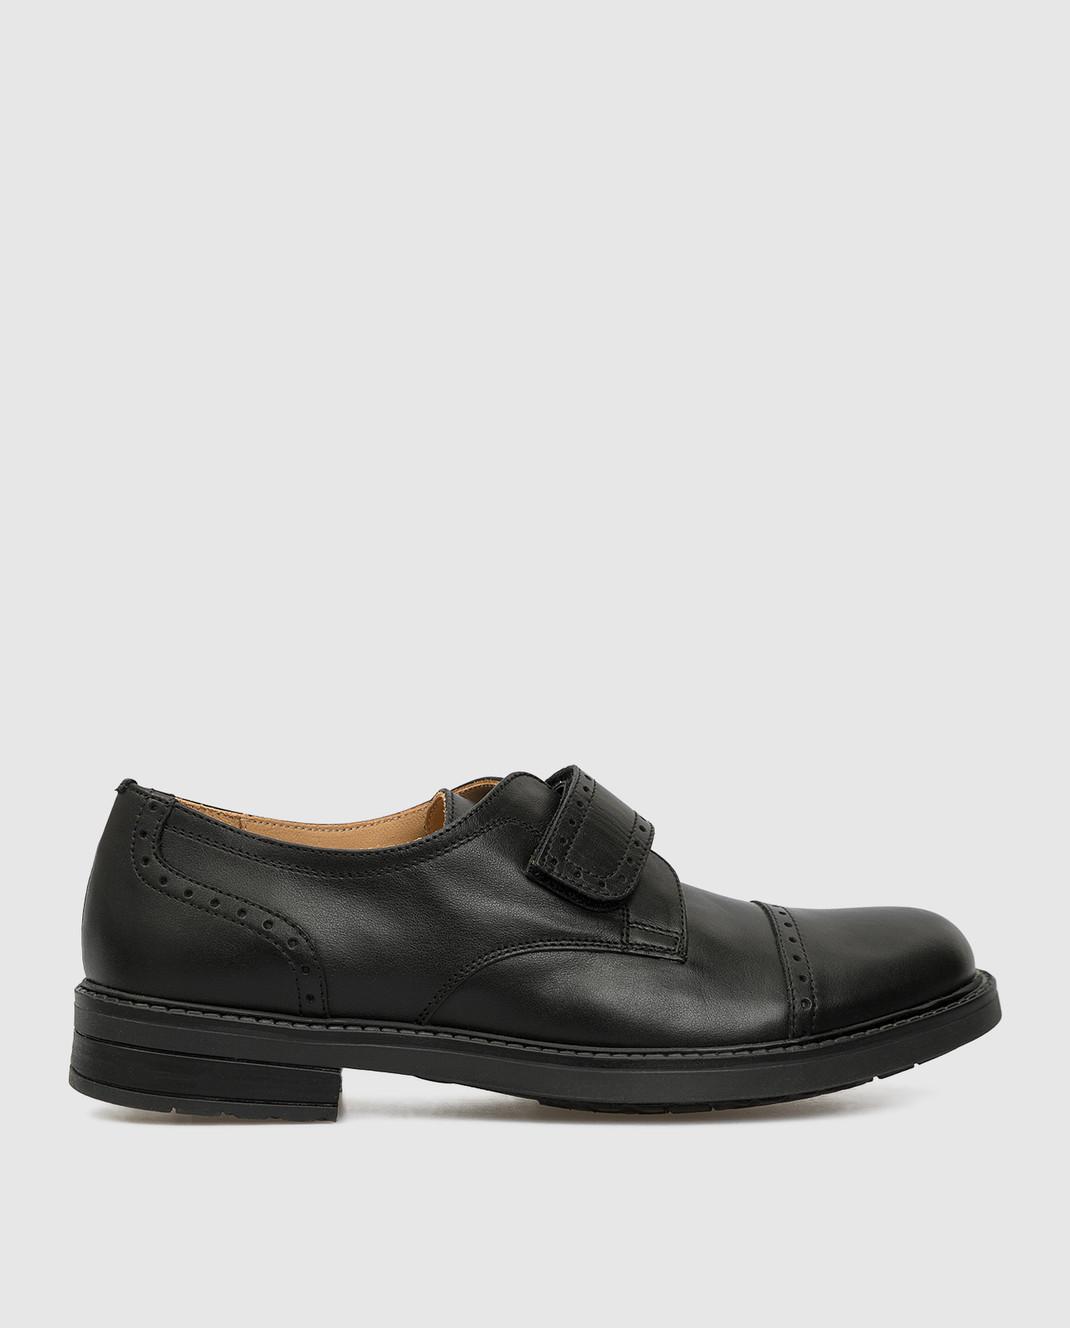 Zecchino D'oro Детские черные кожаные дерби M1575023640